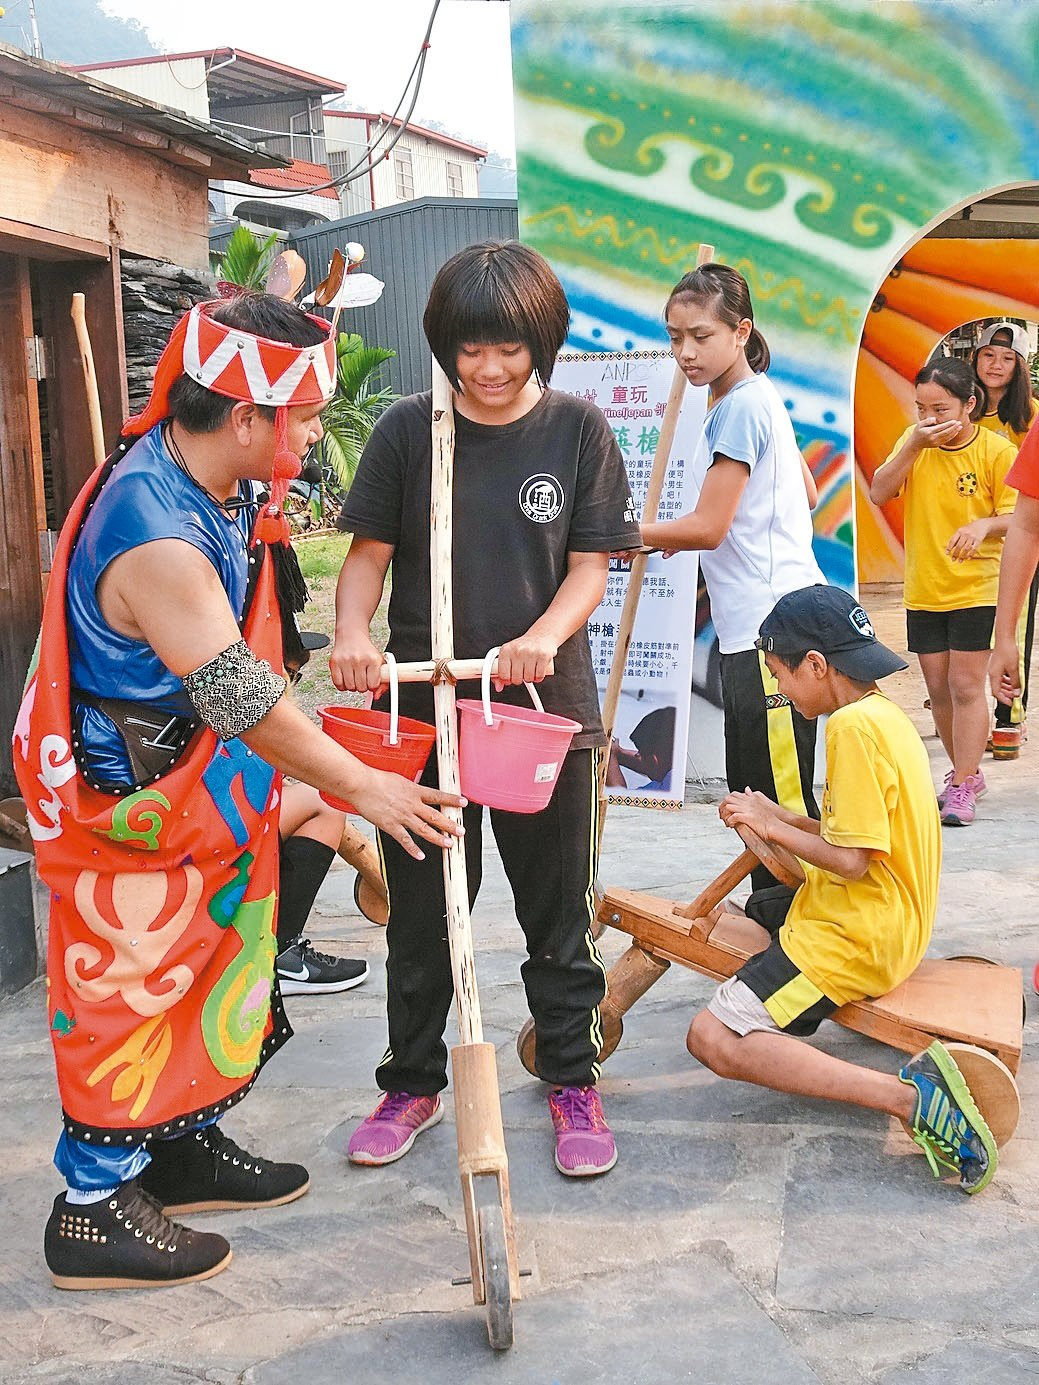 去哪鵝/想念童年嗎?來屏東「安坡部落」玩一天 | 旅遊